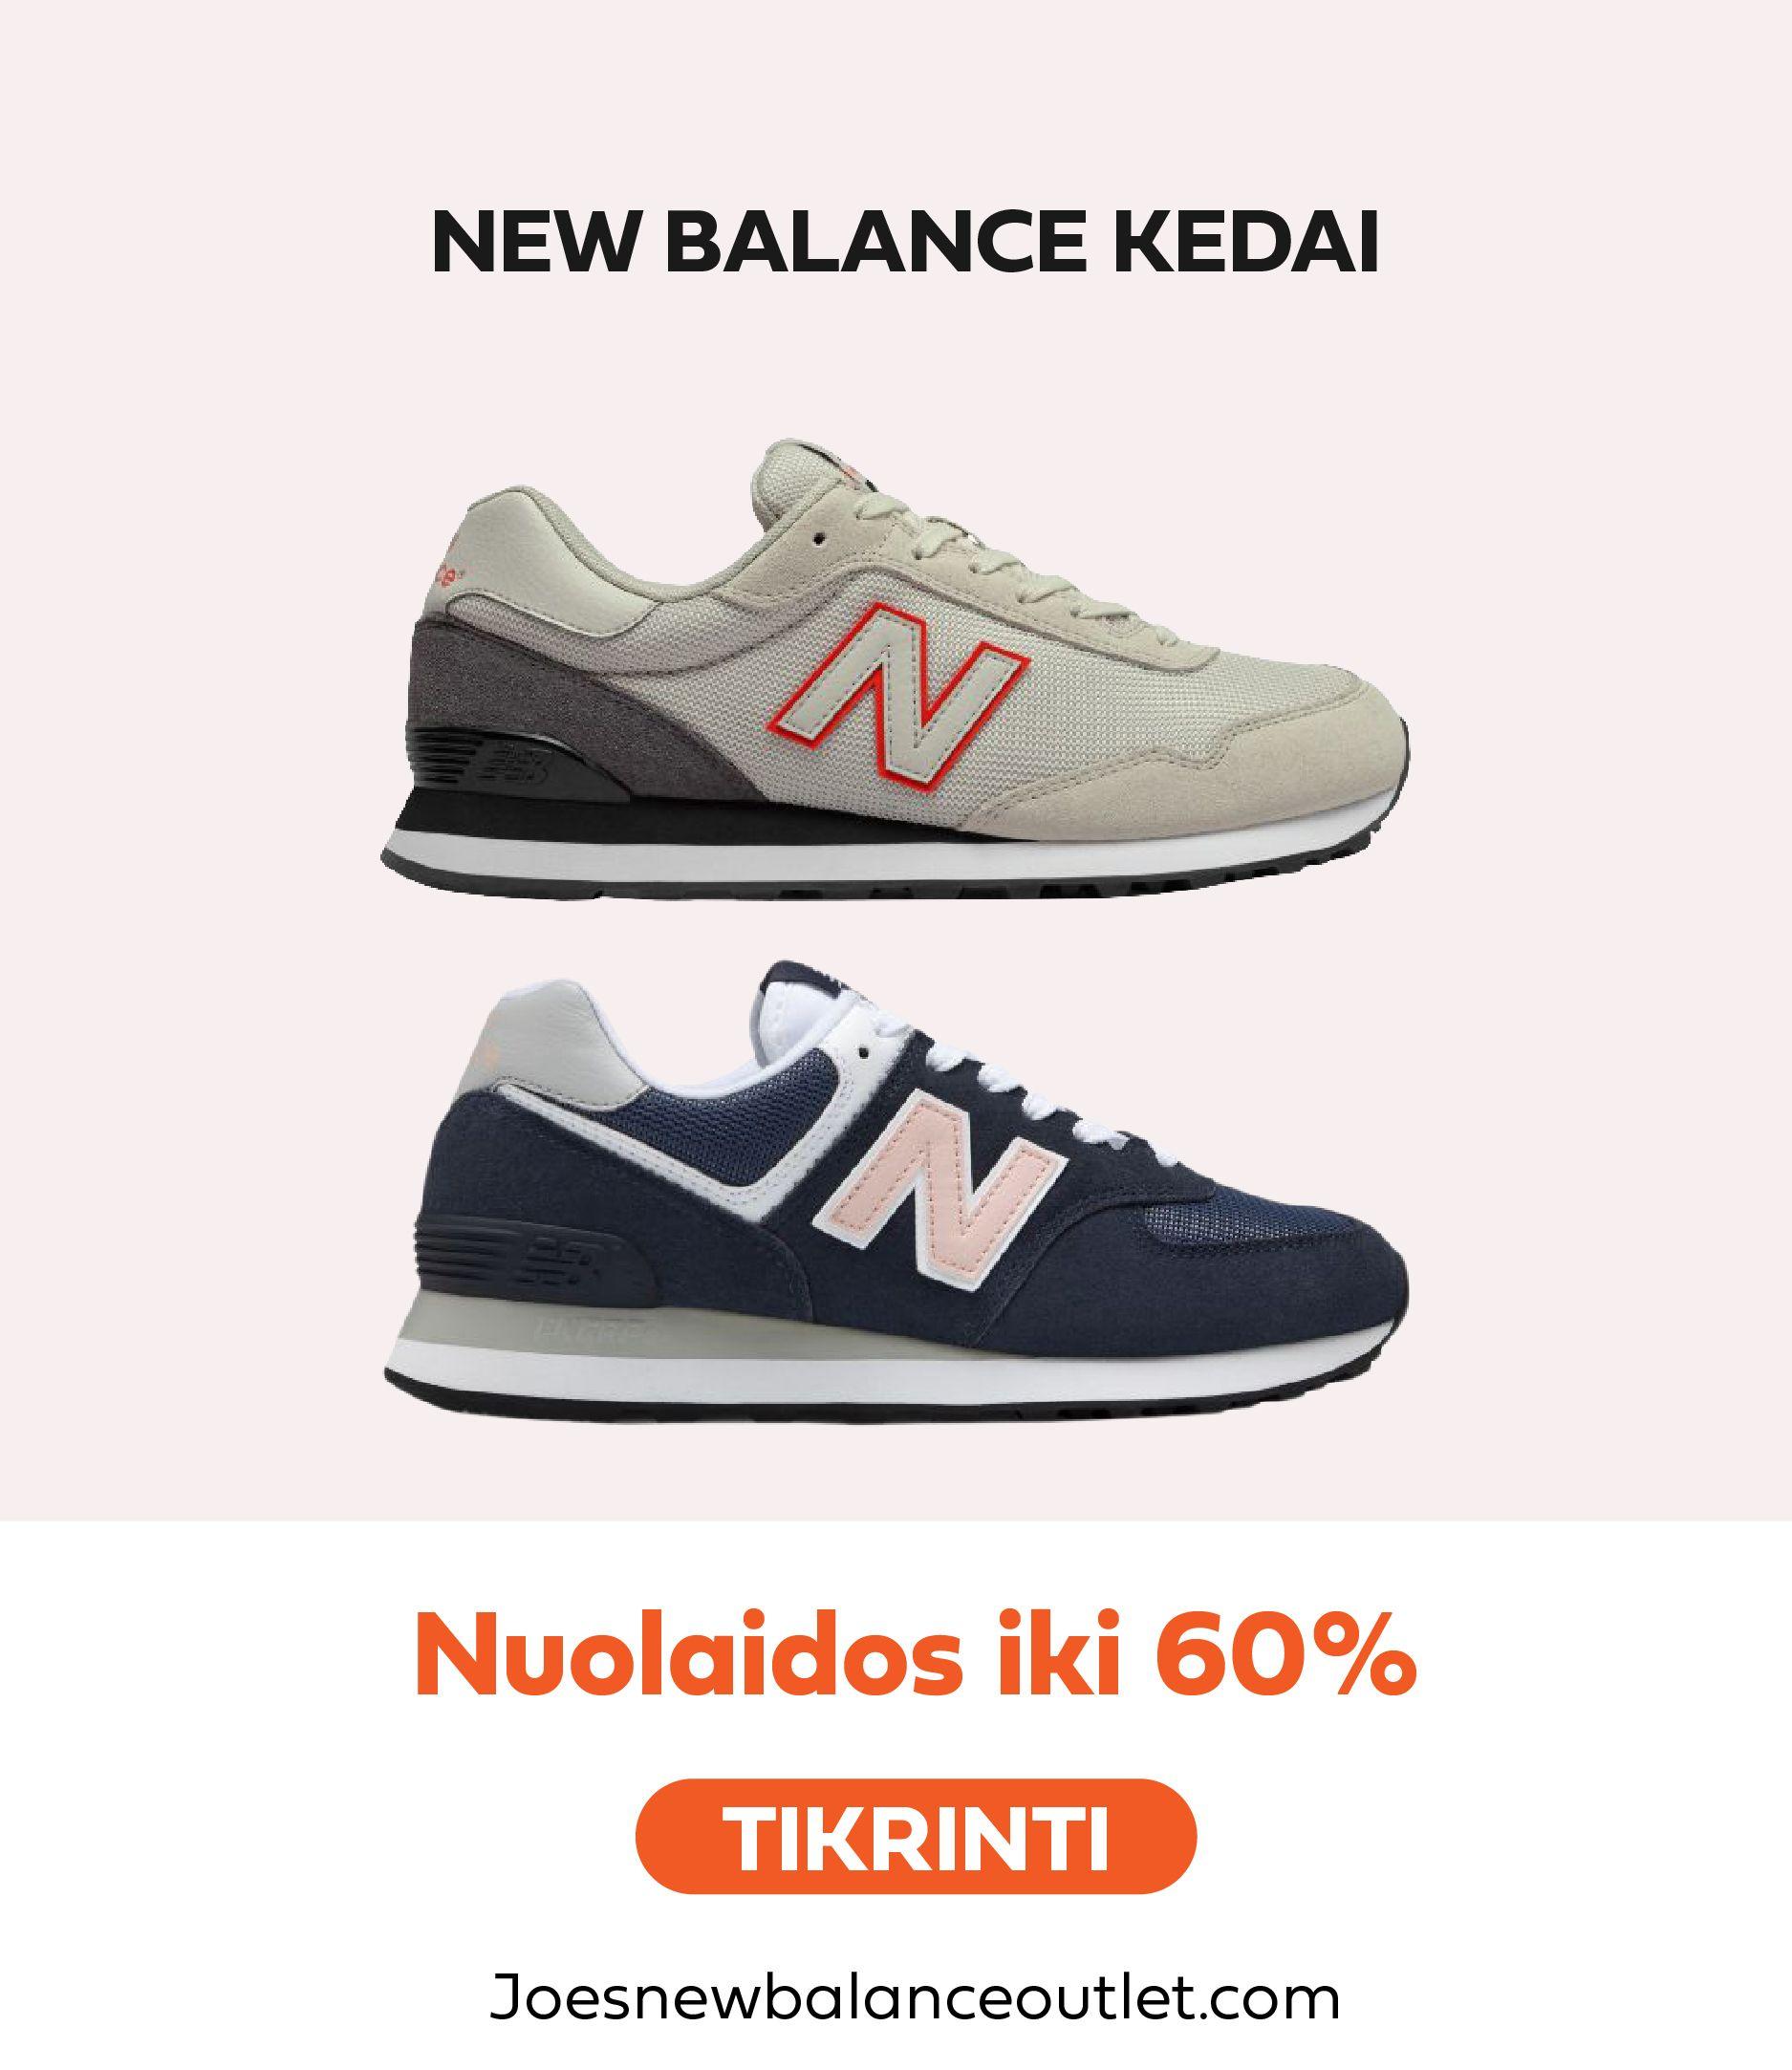 new balance kedai ispardavimas